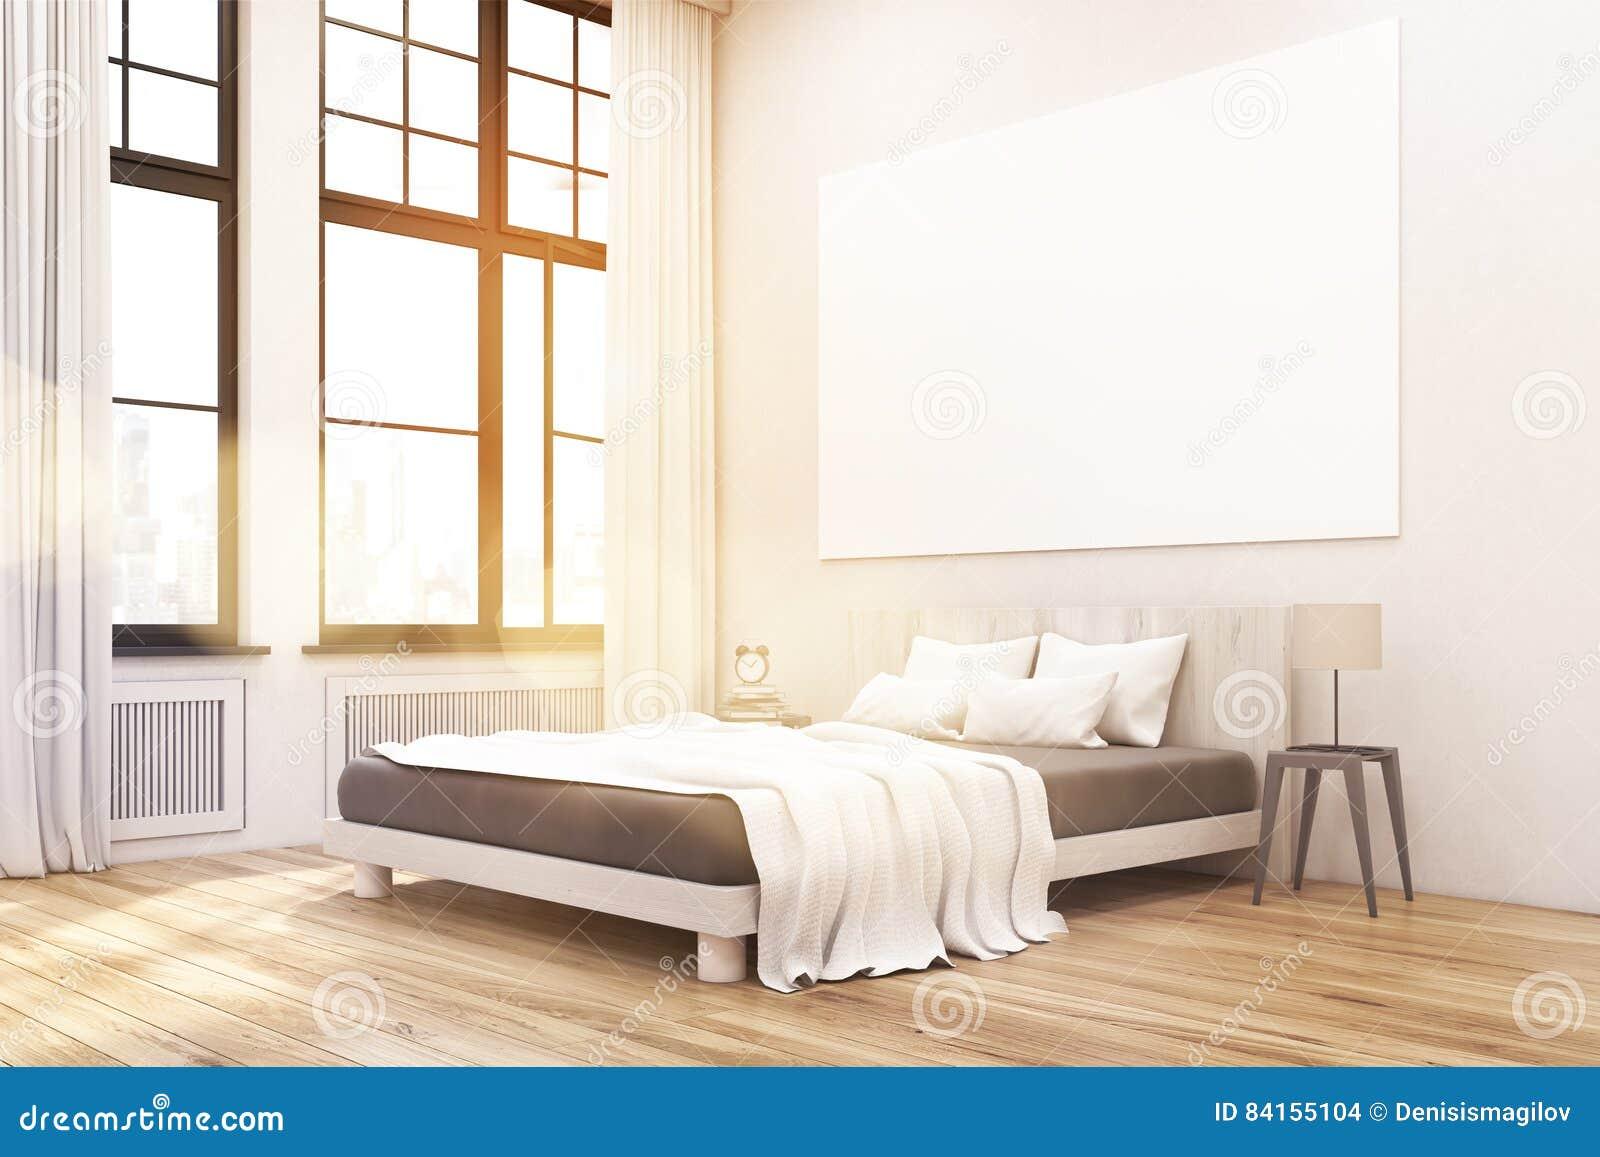 Ecke Eines Hauptschlafzimmers Mit Einem Bett Zwei Nachttischen Und